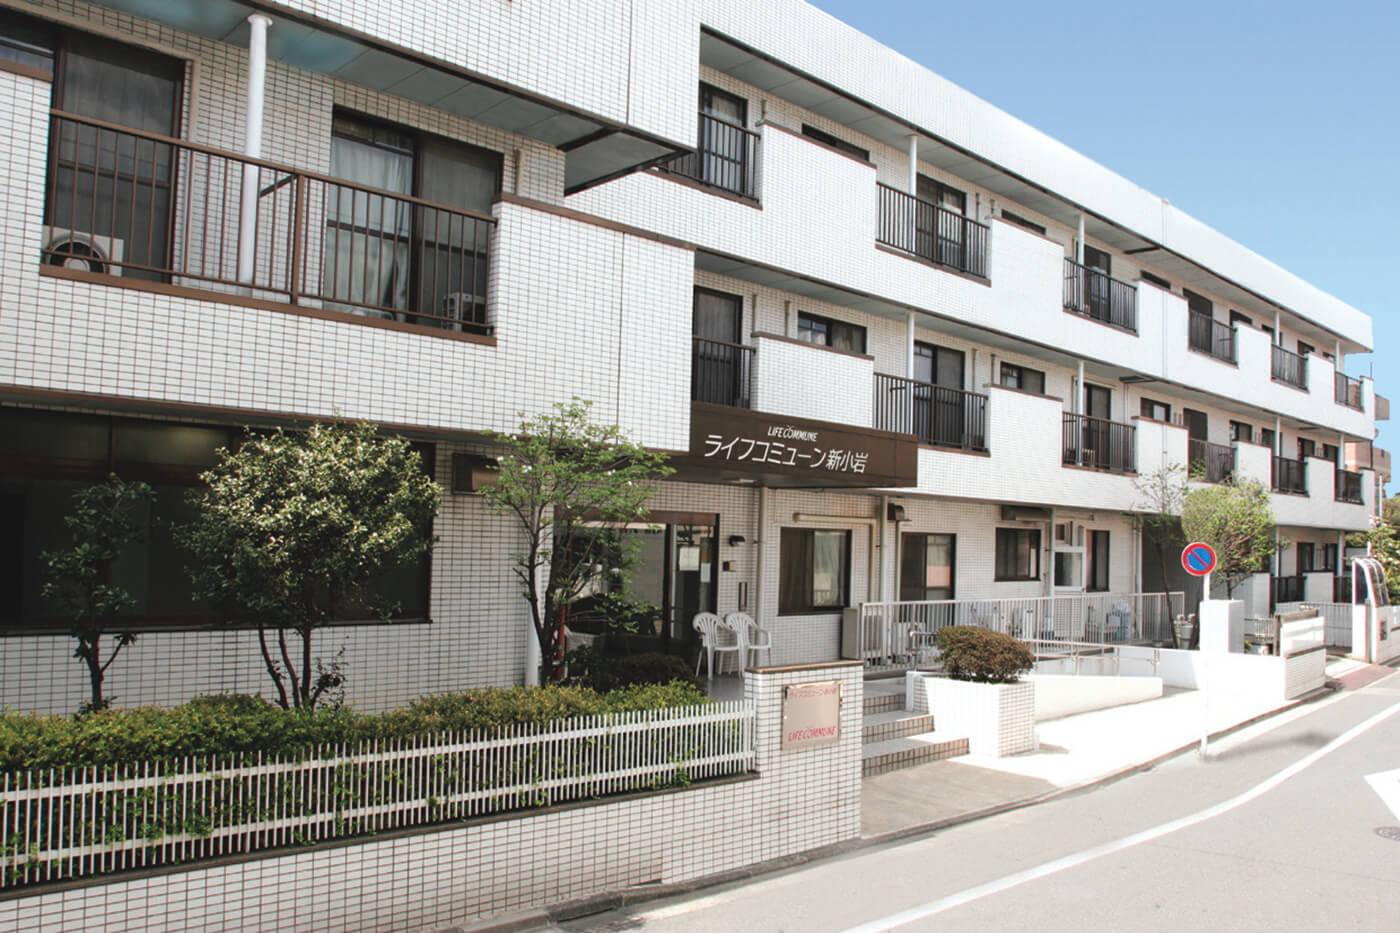 Kinoshita(27)new